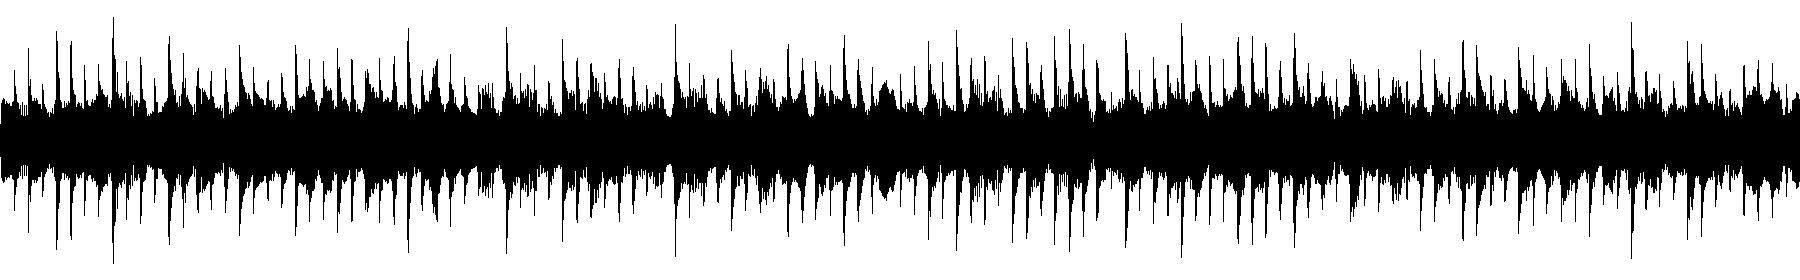 vedh melodyloop 023 am fmaj7 c gmaj7 120bpm